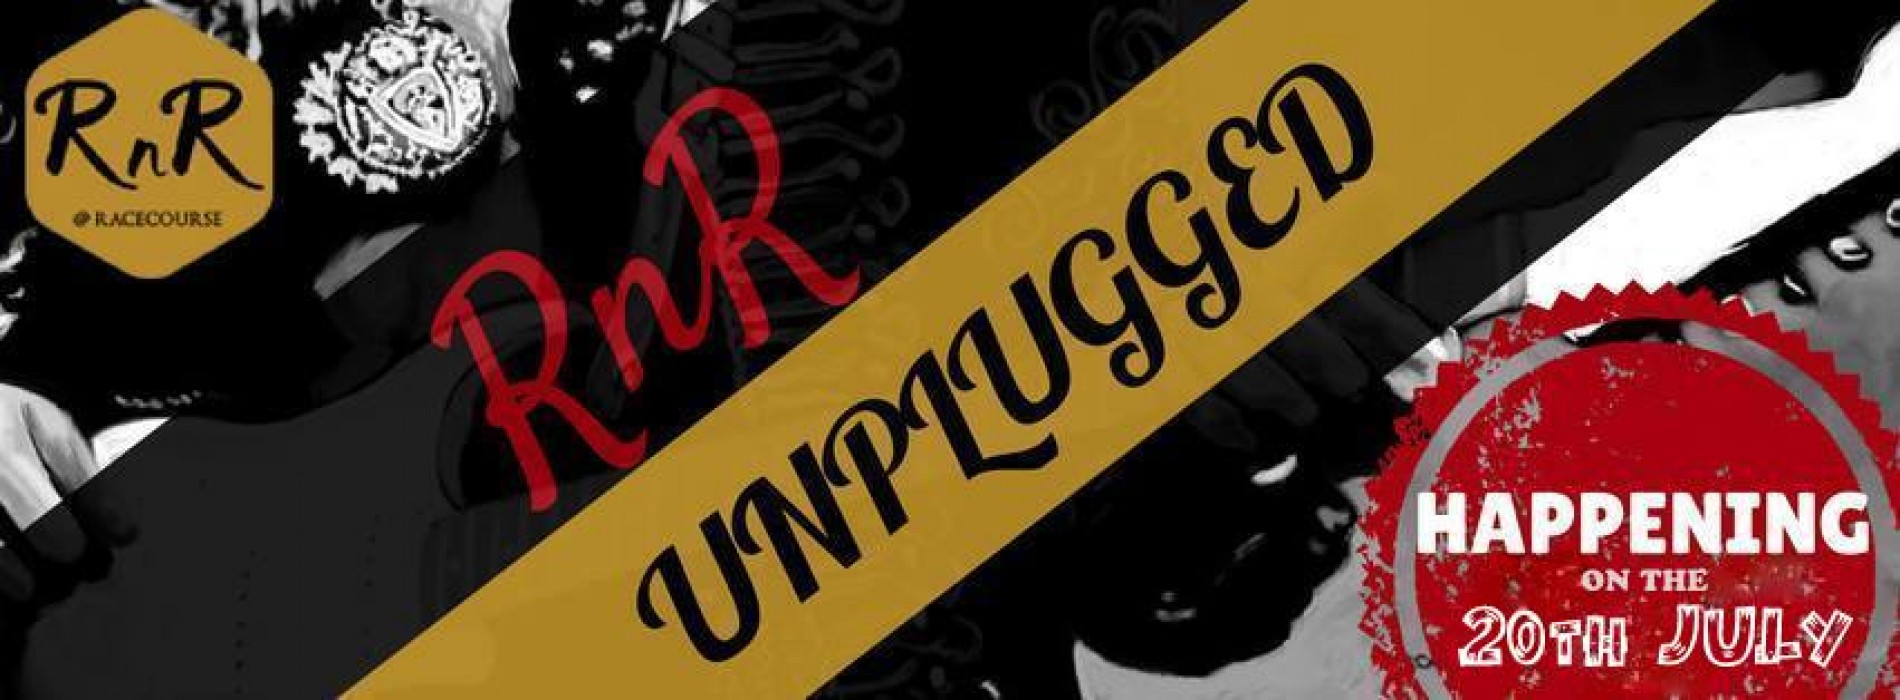 RnR Unplugged